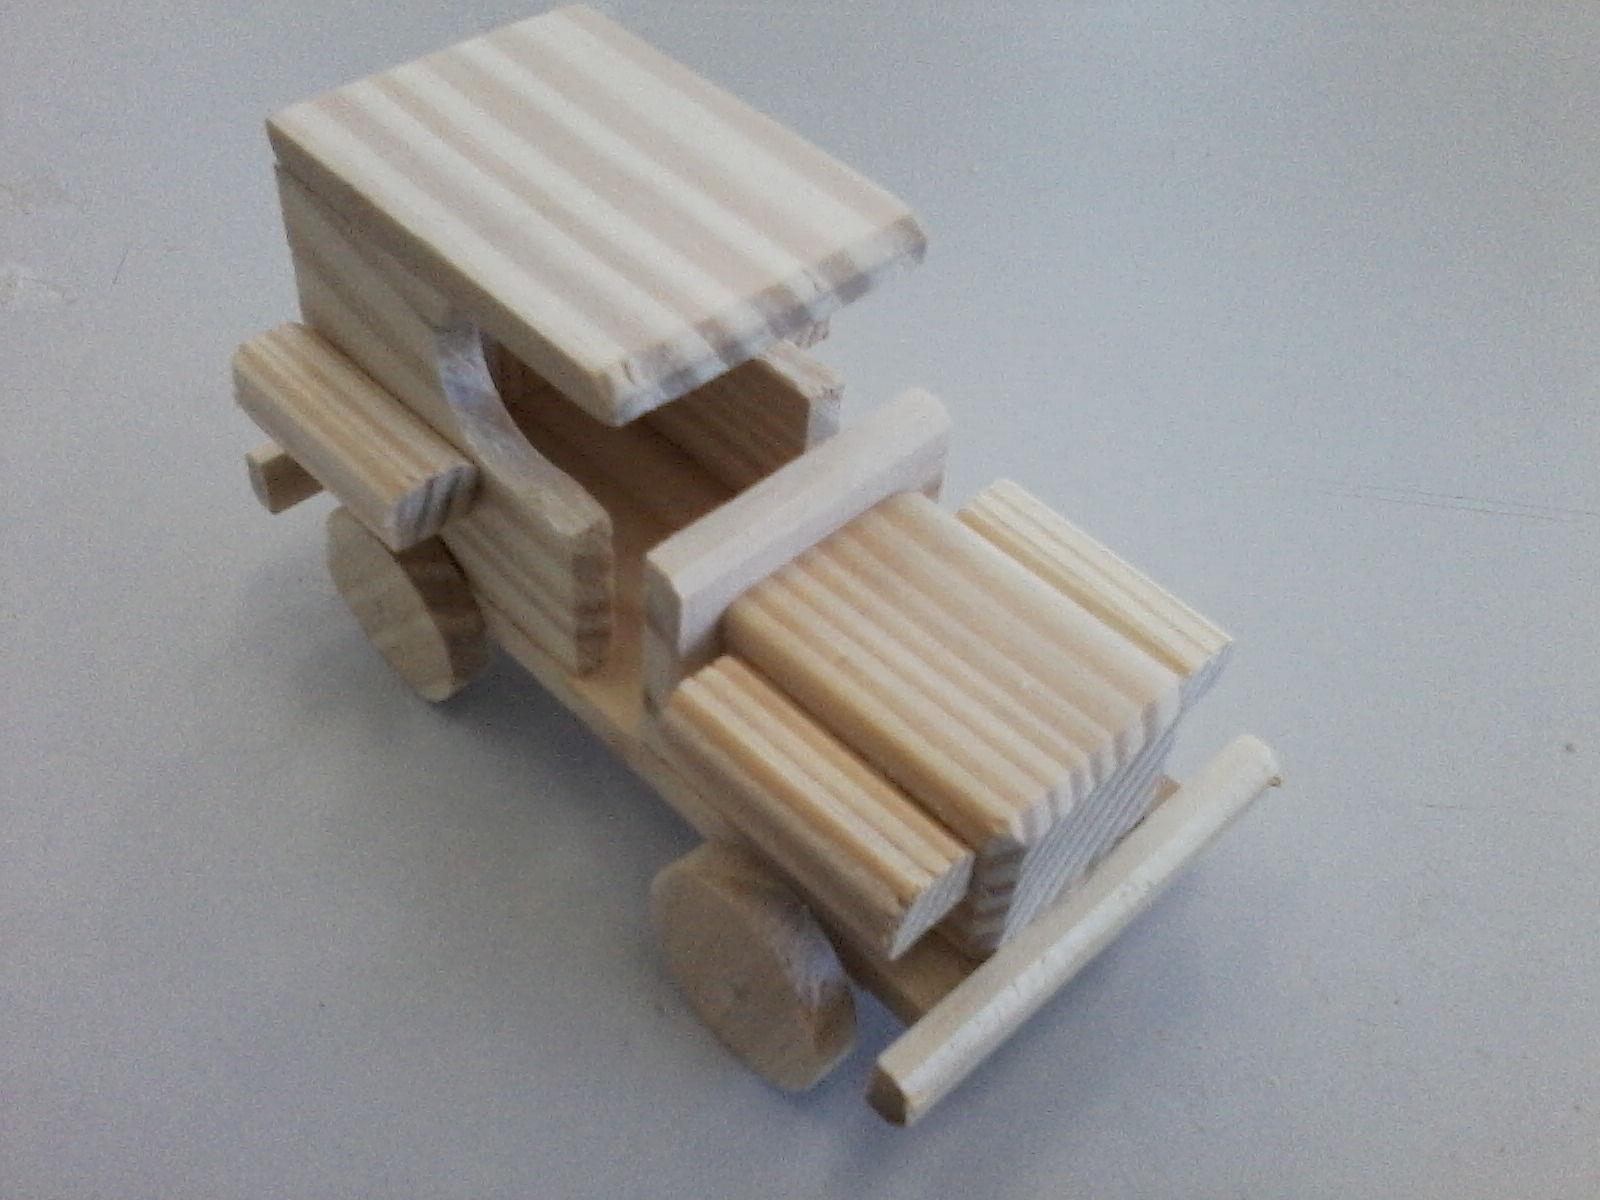 de madeira como fazer carrinho de madeira como fazer carrinho de  #5E4E40 1600x1200